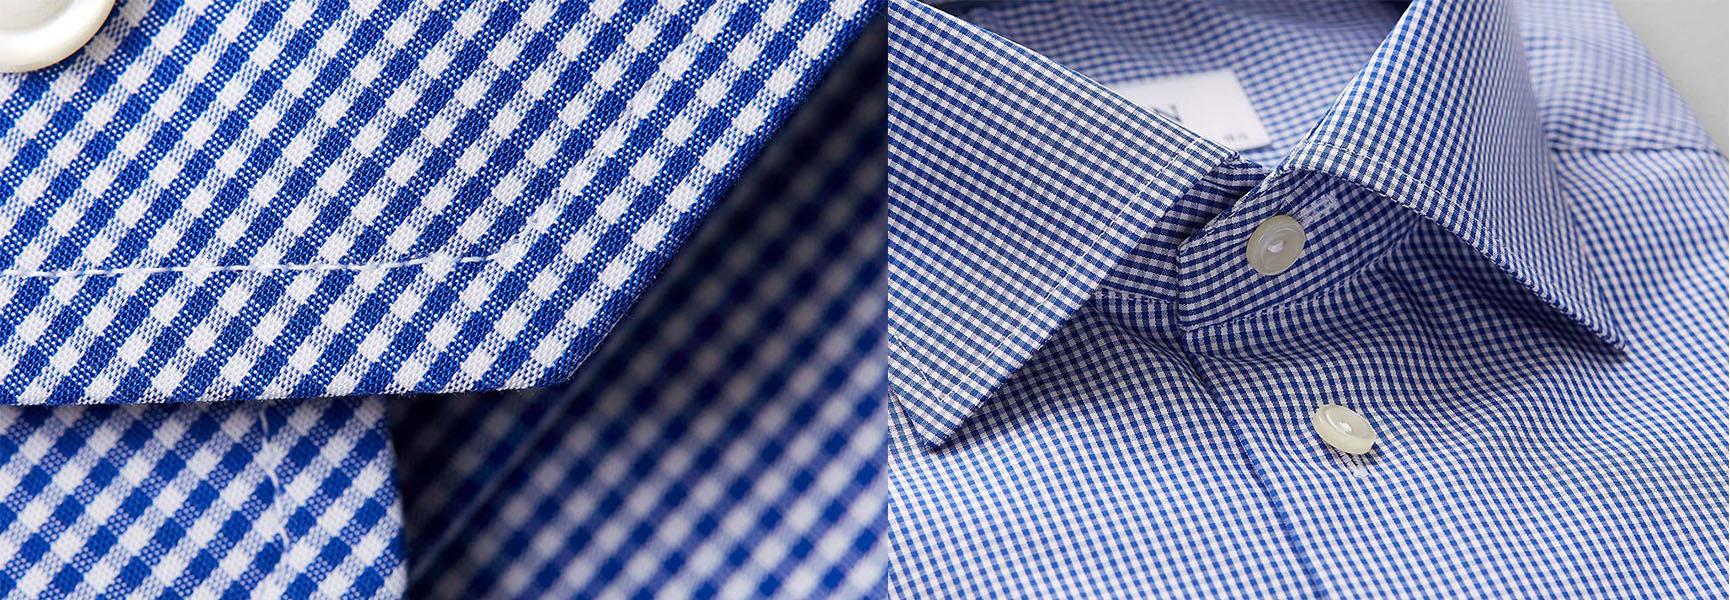 Skjorttyger guide om de olika tygerna